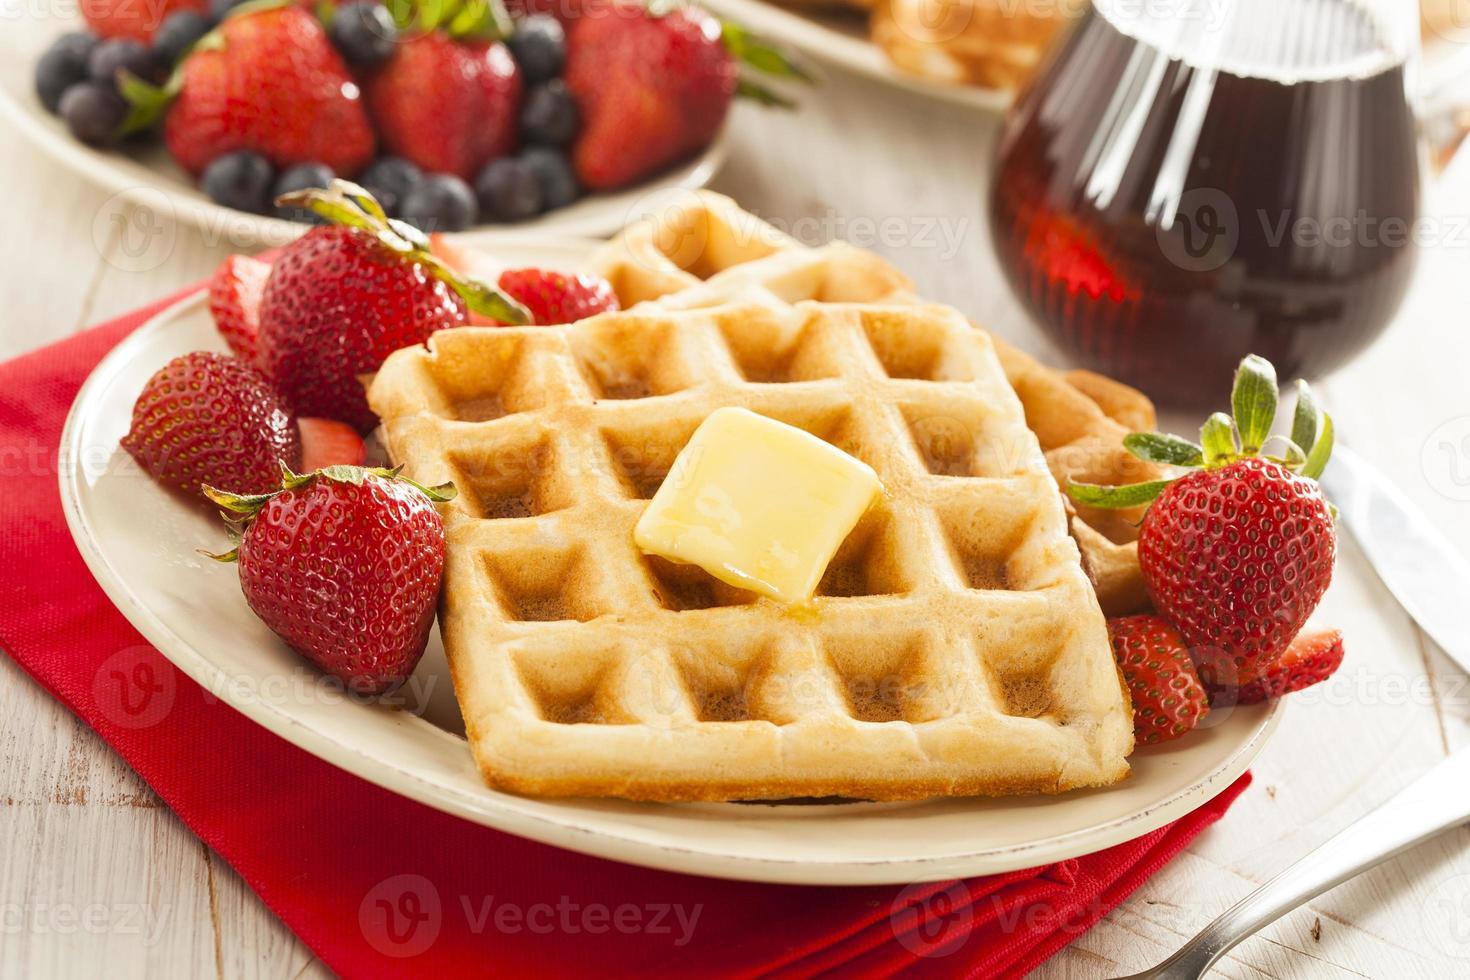 huisgemaakte belgische wafels met fruit foto